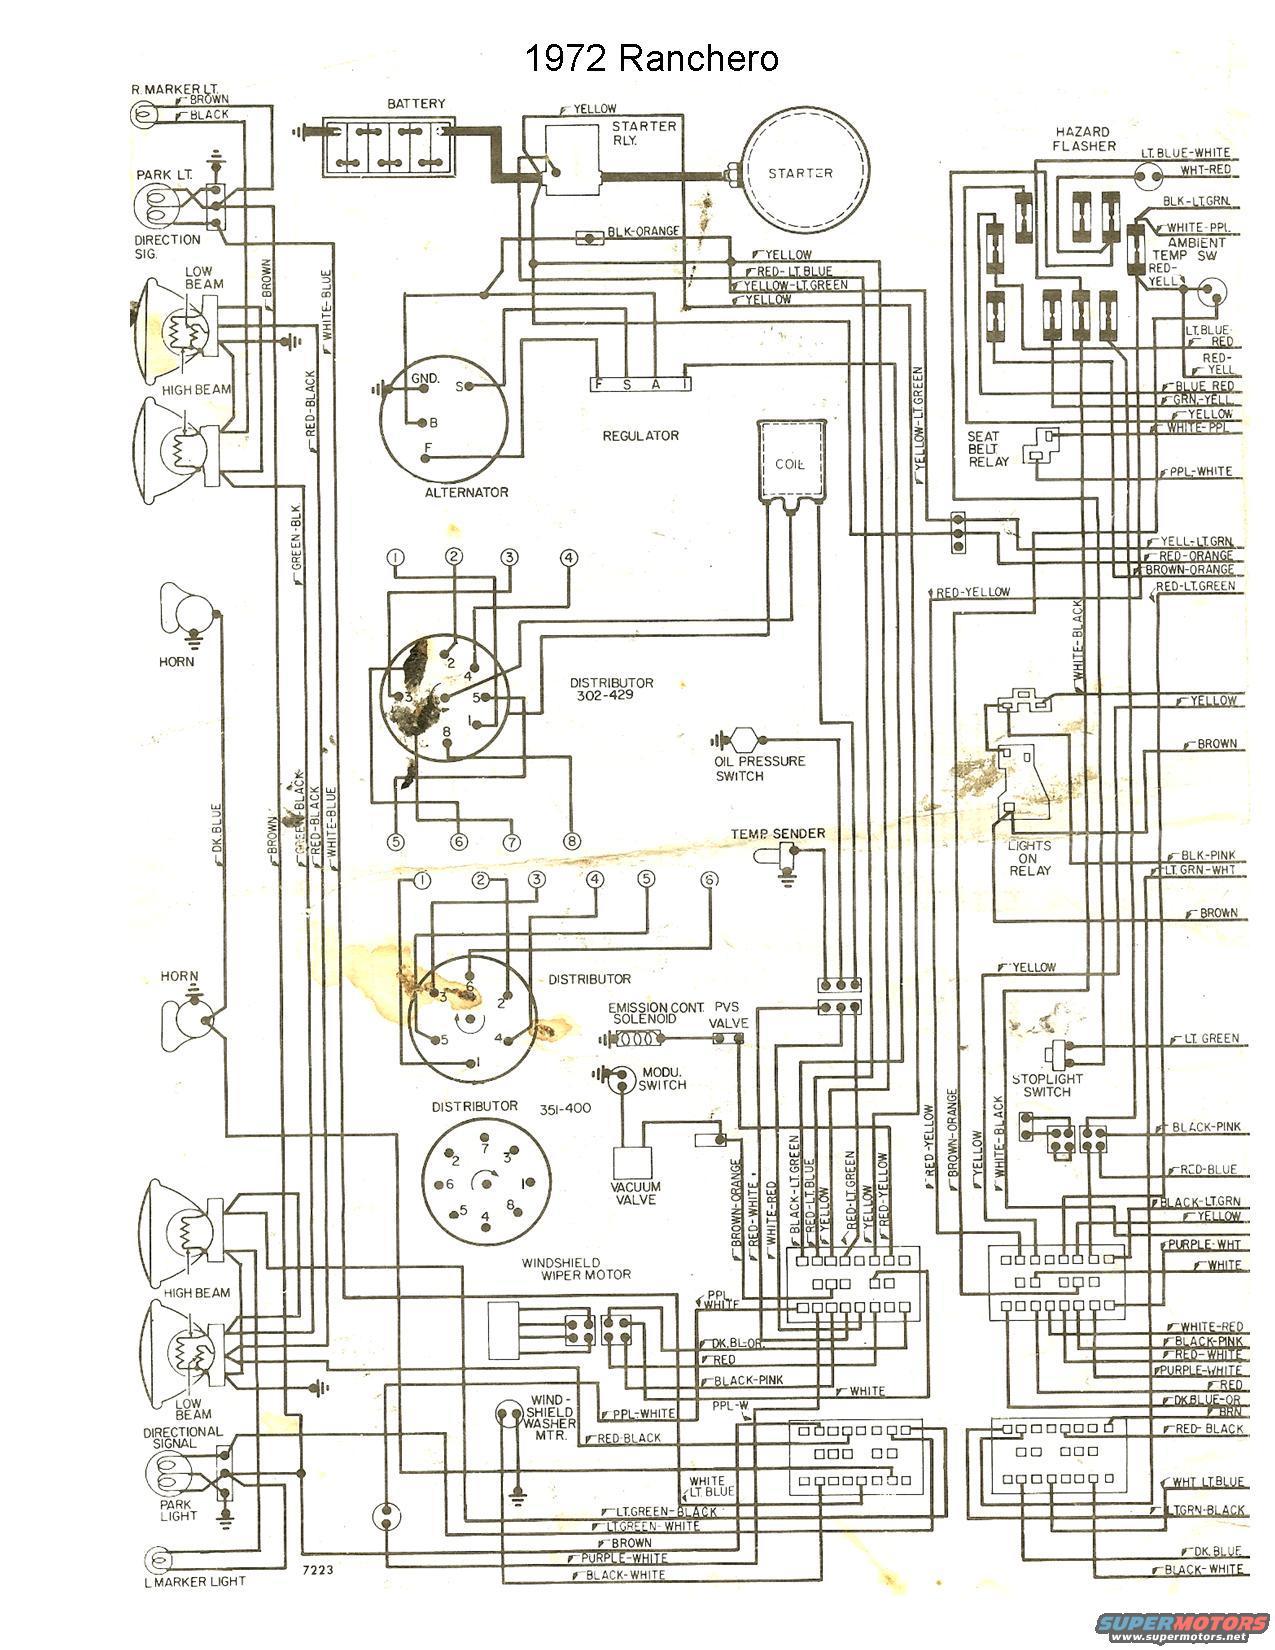 1972 ford ranchero wiring diagrams